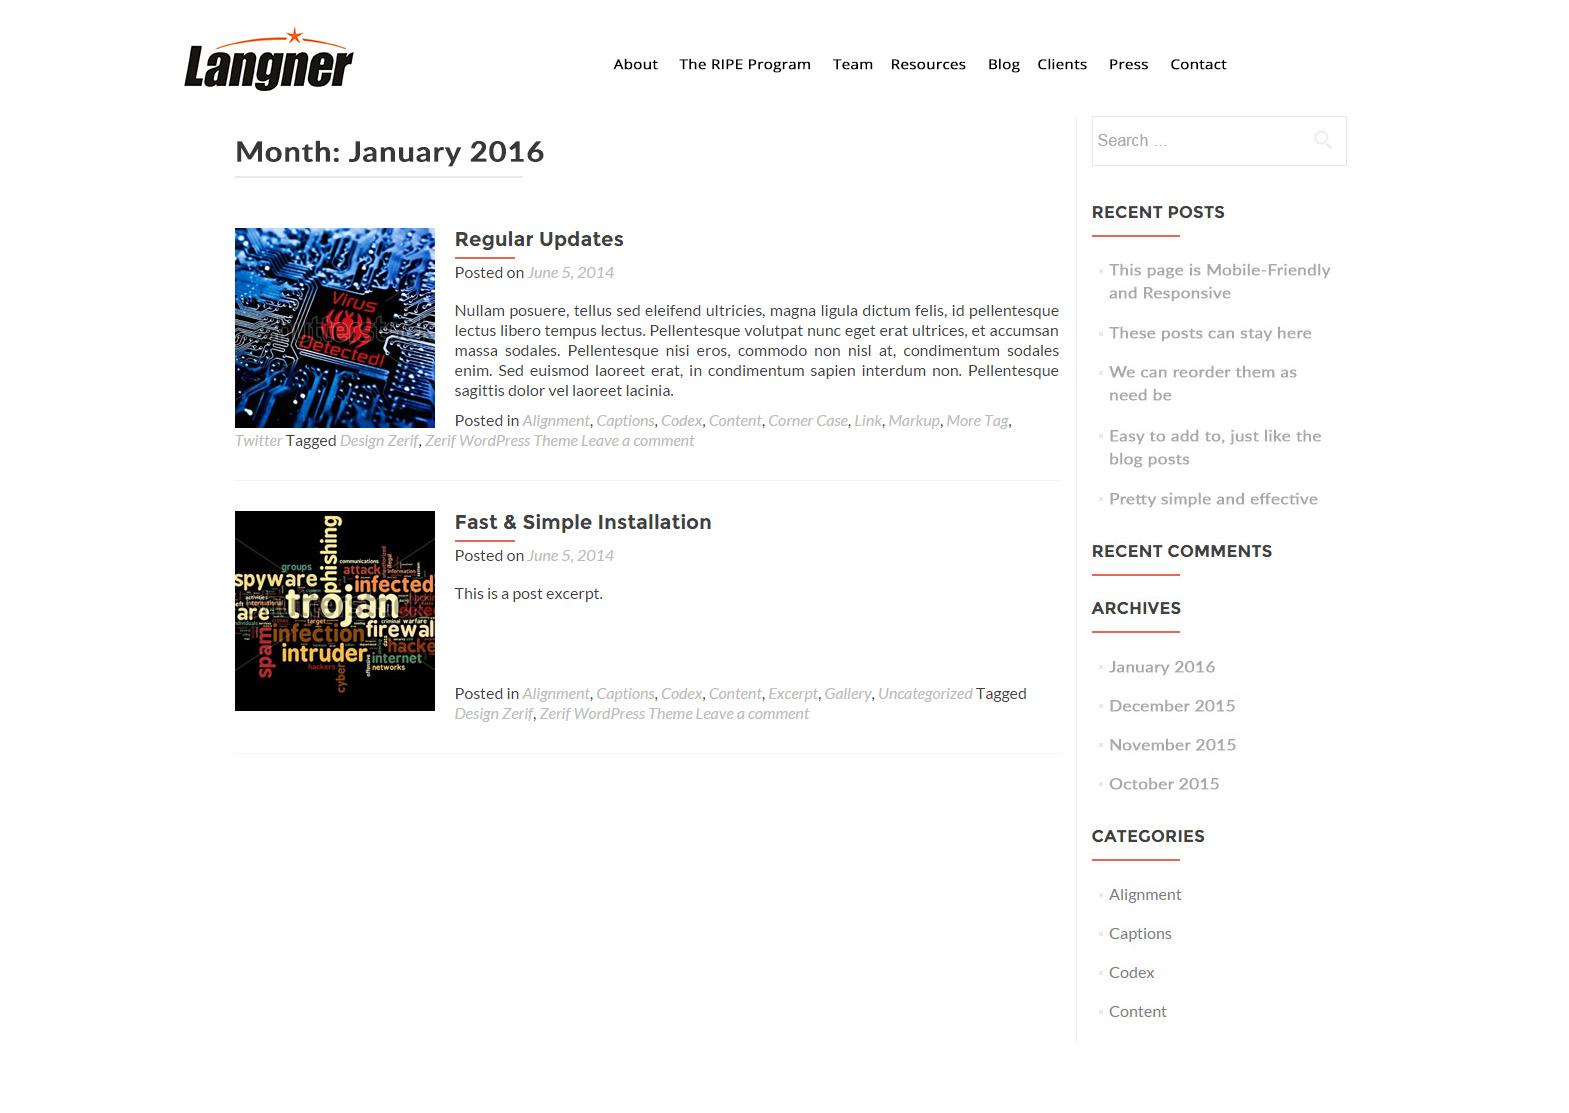 langner blog demo1